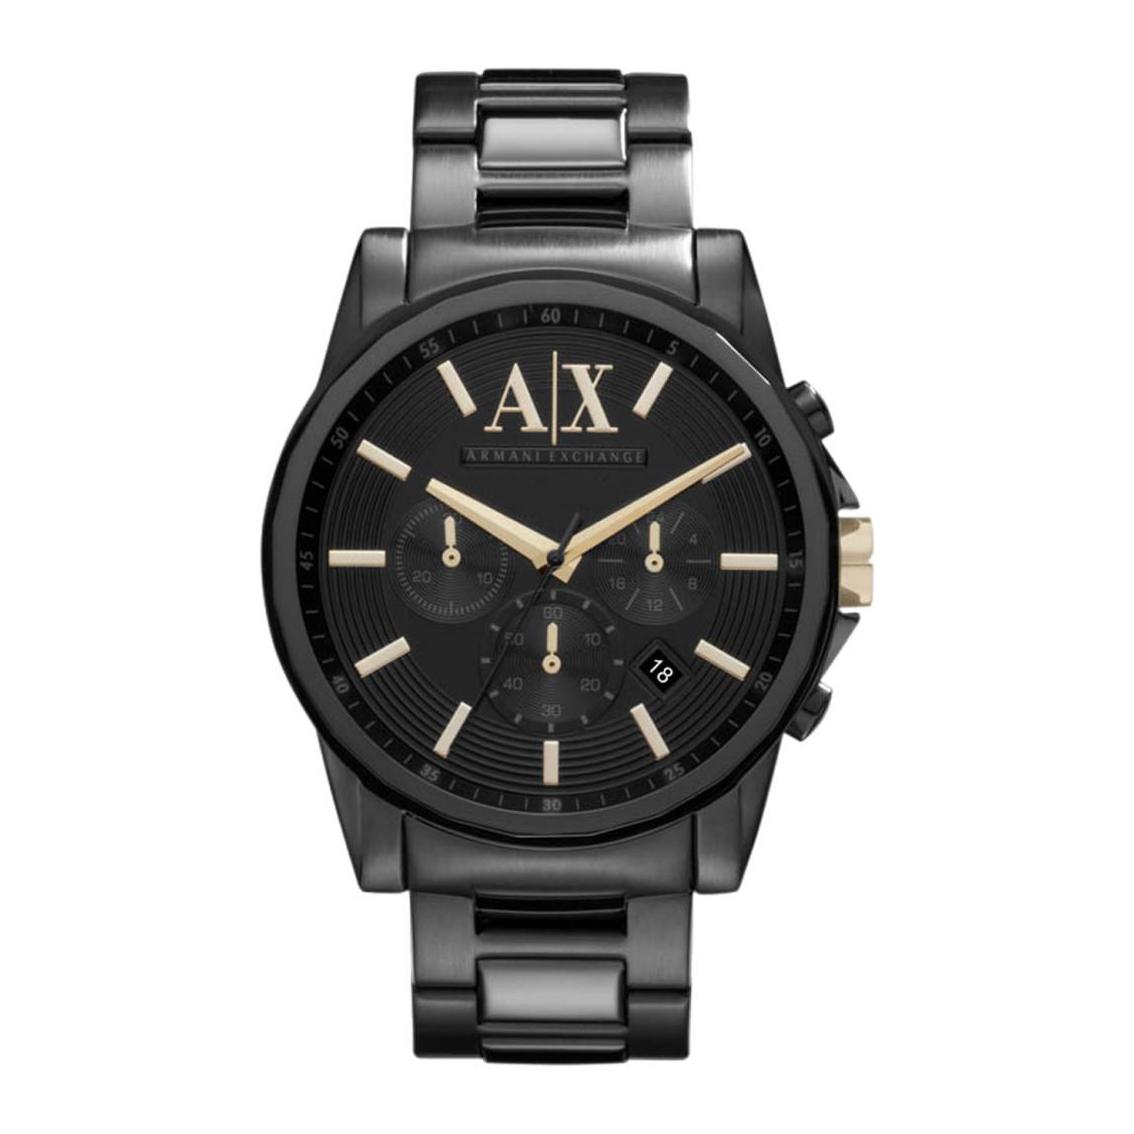 美國百分百【Armani Exchange】配件 AX 手錶 腕錶 大表面 三眼 計時 阿曼尼 不鏽鋼 黑色 F997